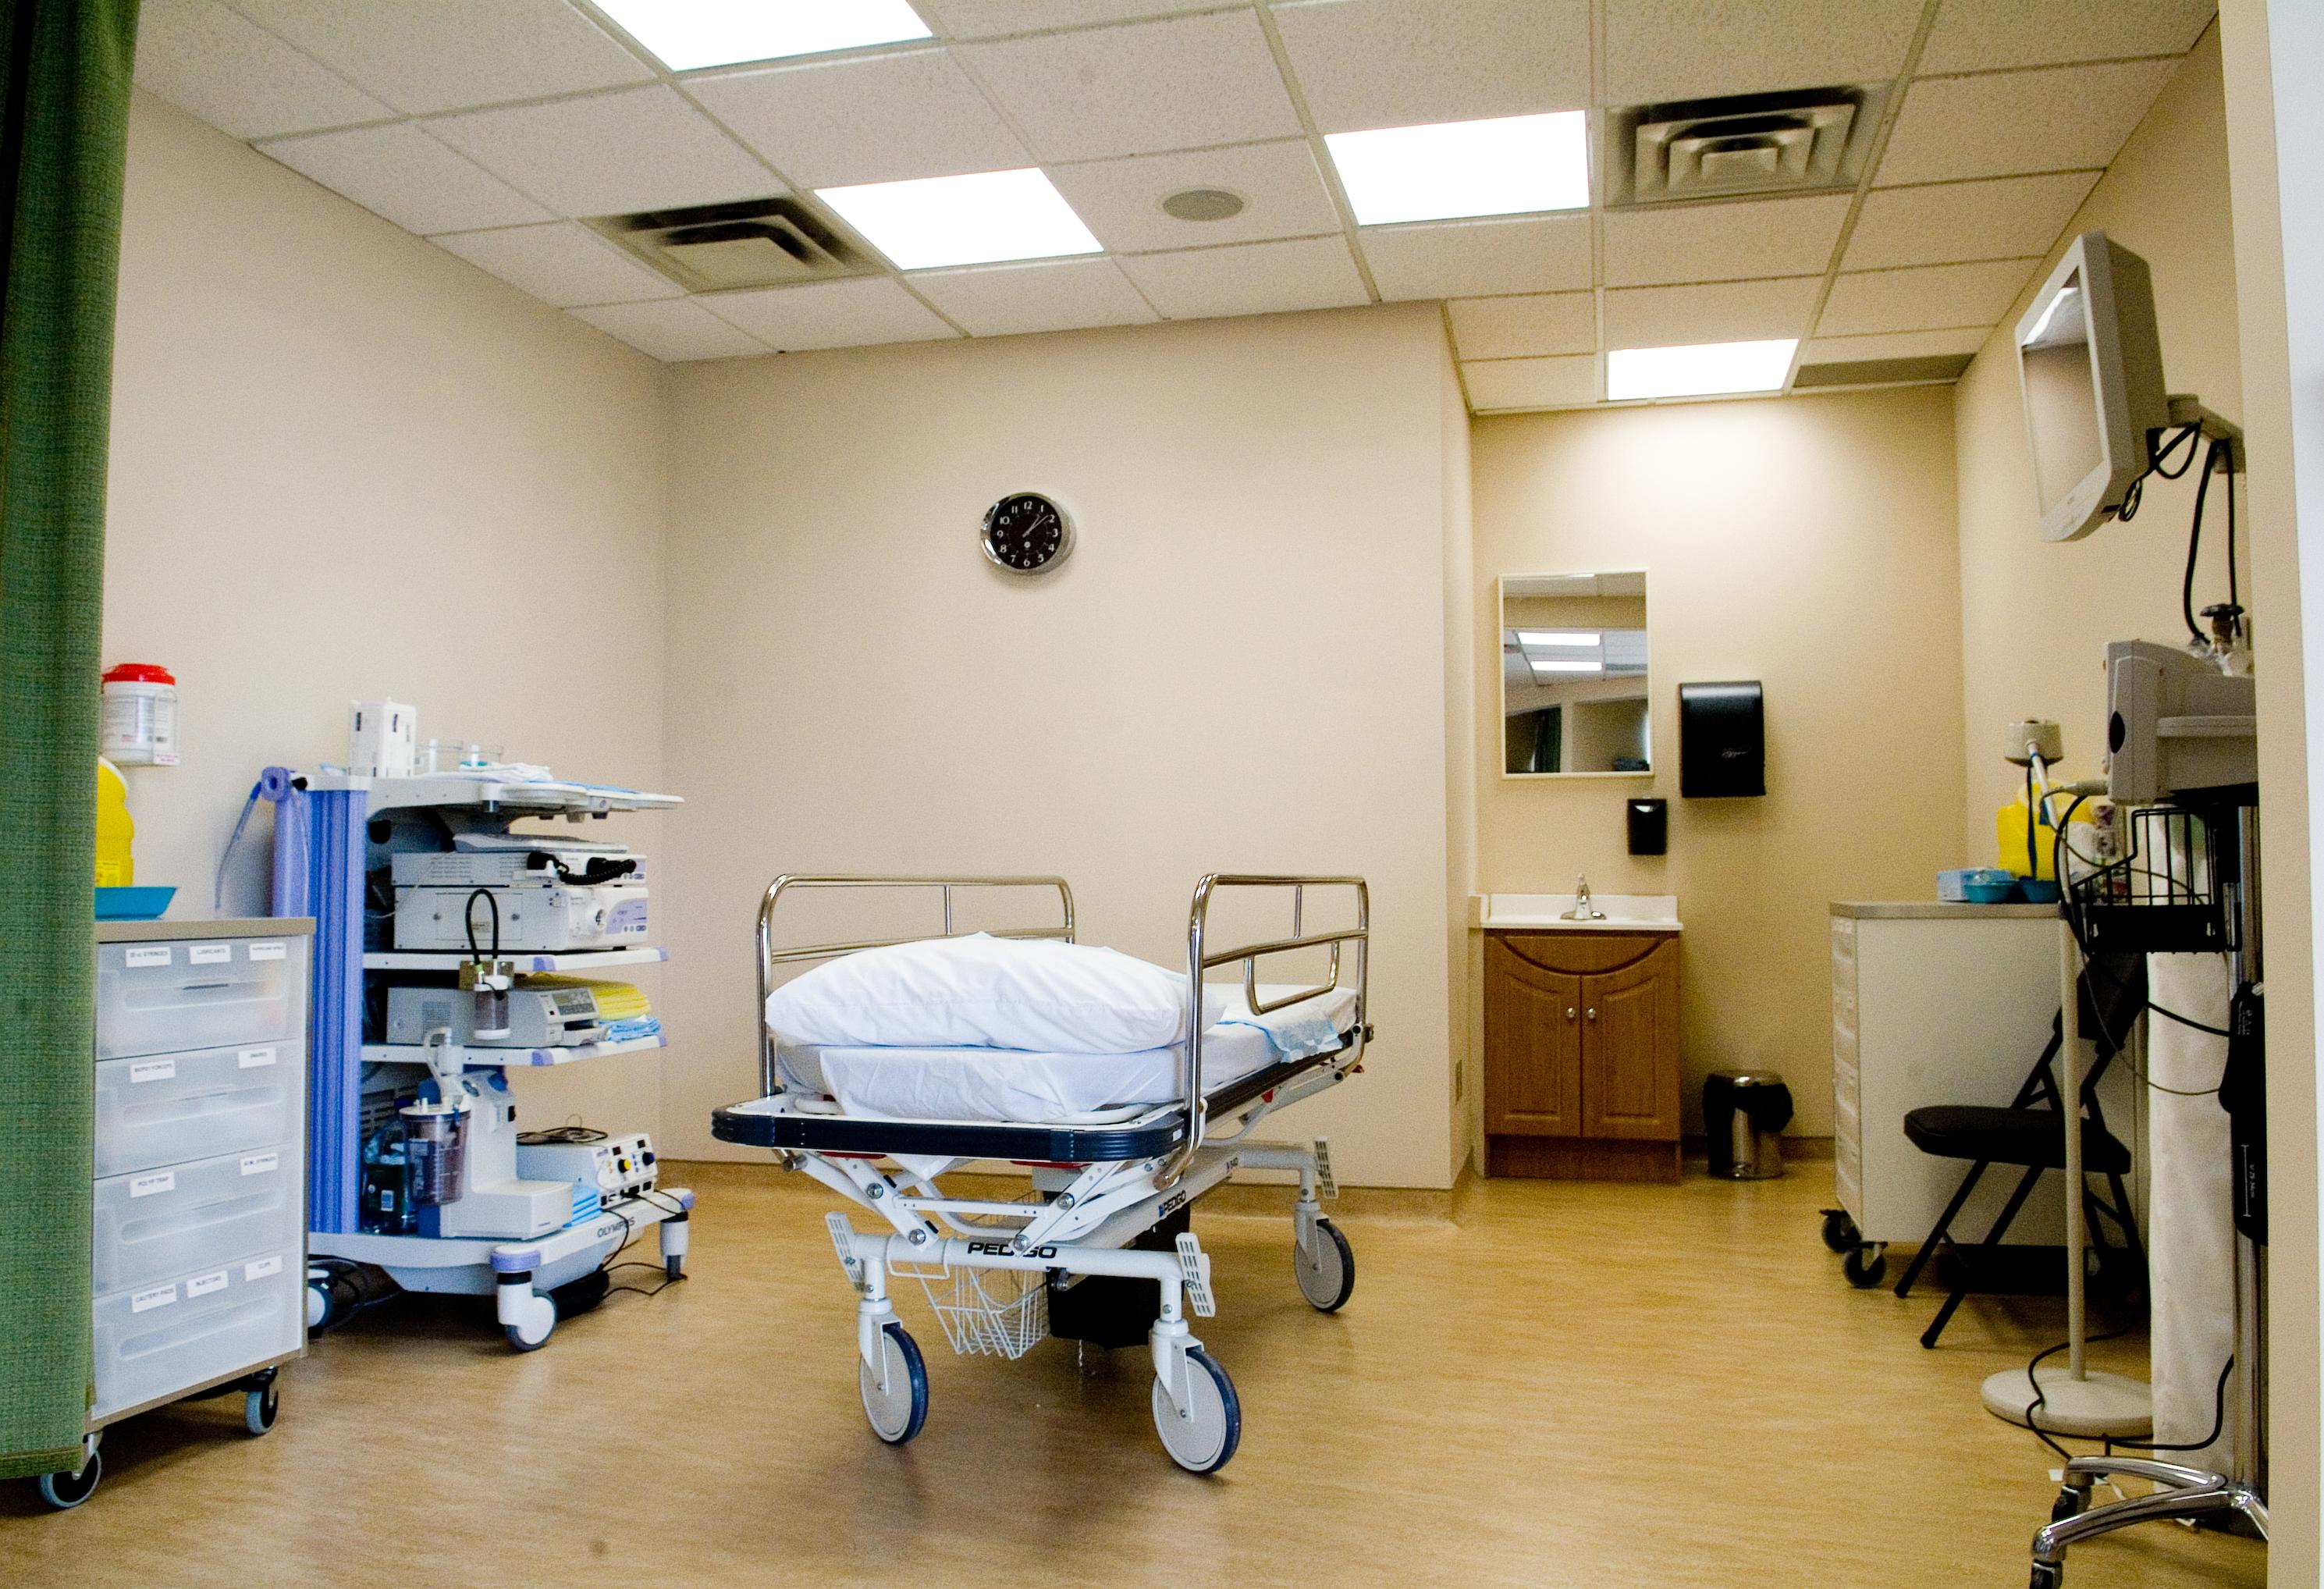 A Madrid, deux entreprises sont chargées de l'entretien des hôpitaux publics. (Photo d'illustration Wikipedia)